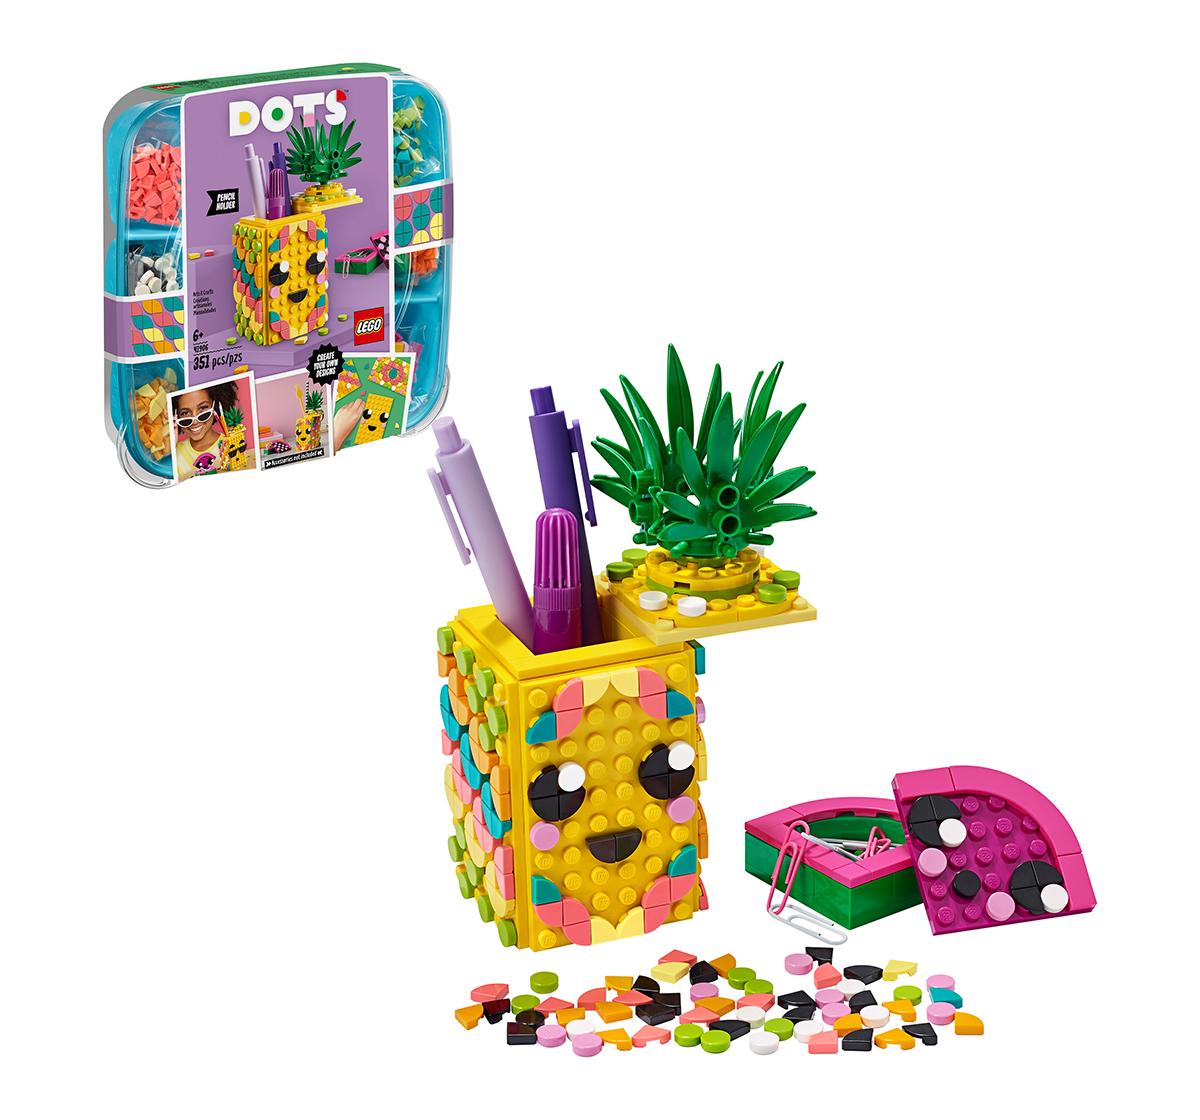 LEGO | LEGO 41906 Pineapple Pencil Holder Lego Blocks for Girls age 6Y+